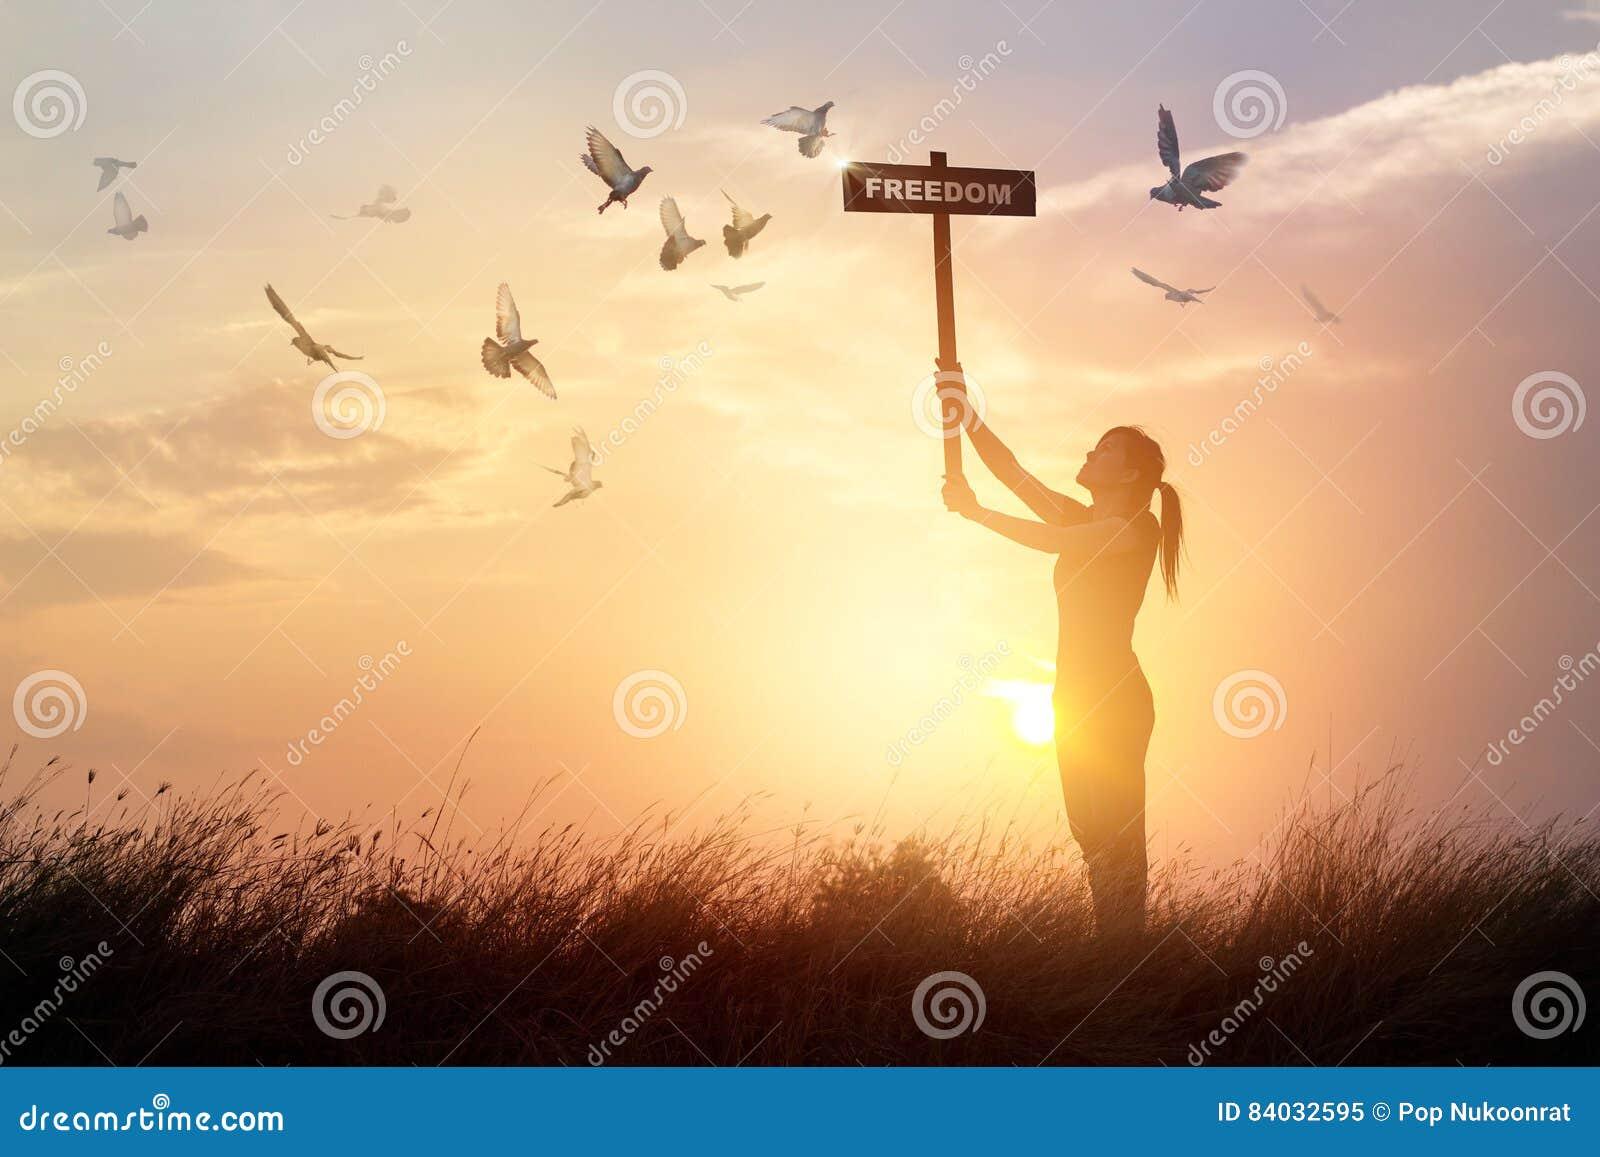 la femme tient un signe avec des oiseaux de libert et de vol de mot sur le coucher du soleil. Black Bedroom Furniture Sets. Home Design Ideas